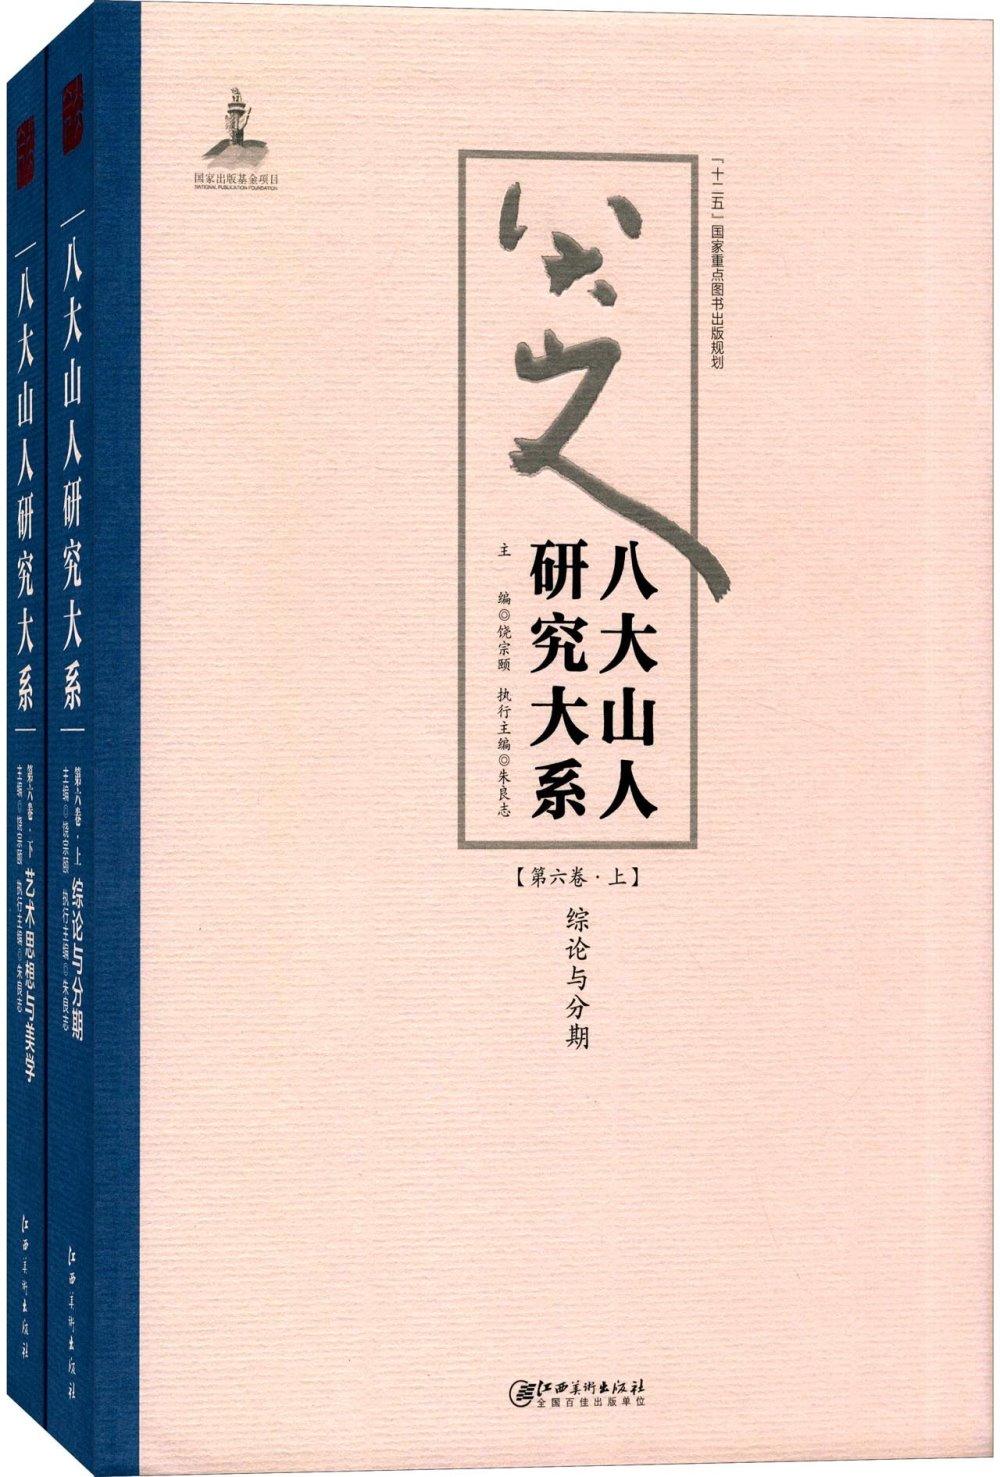 八大山人研究大系 第六卷 :綜論與 、藝術思想與美學 上下